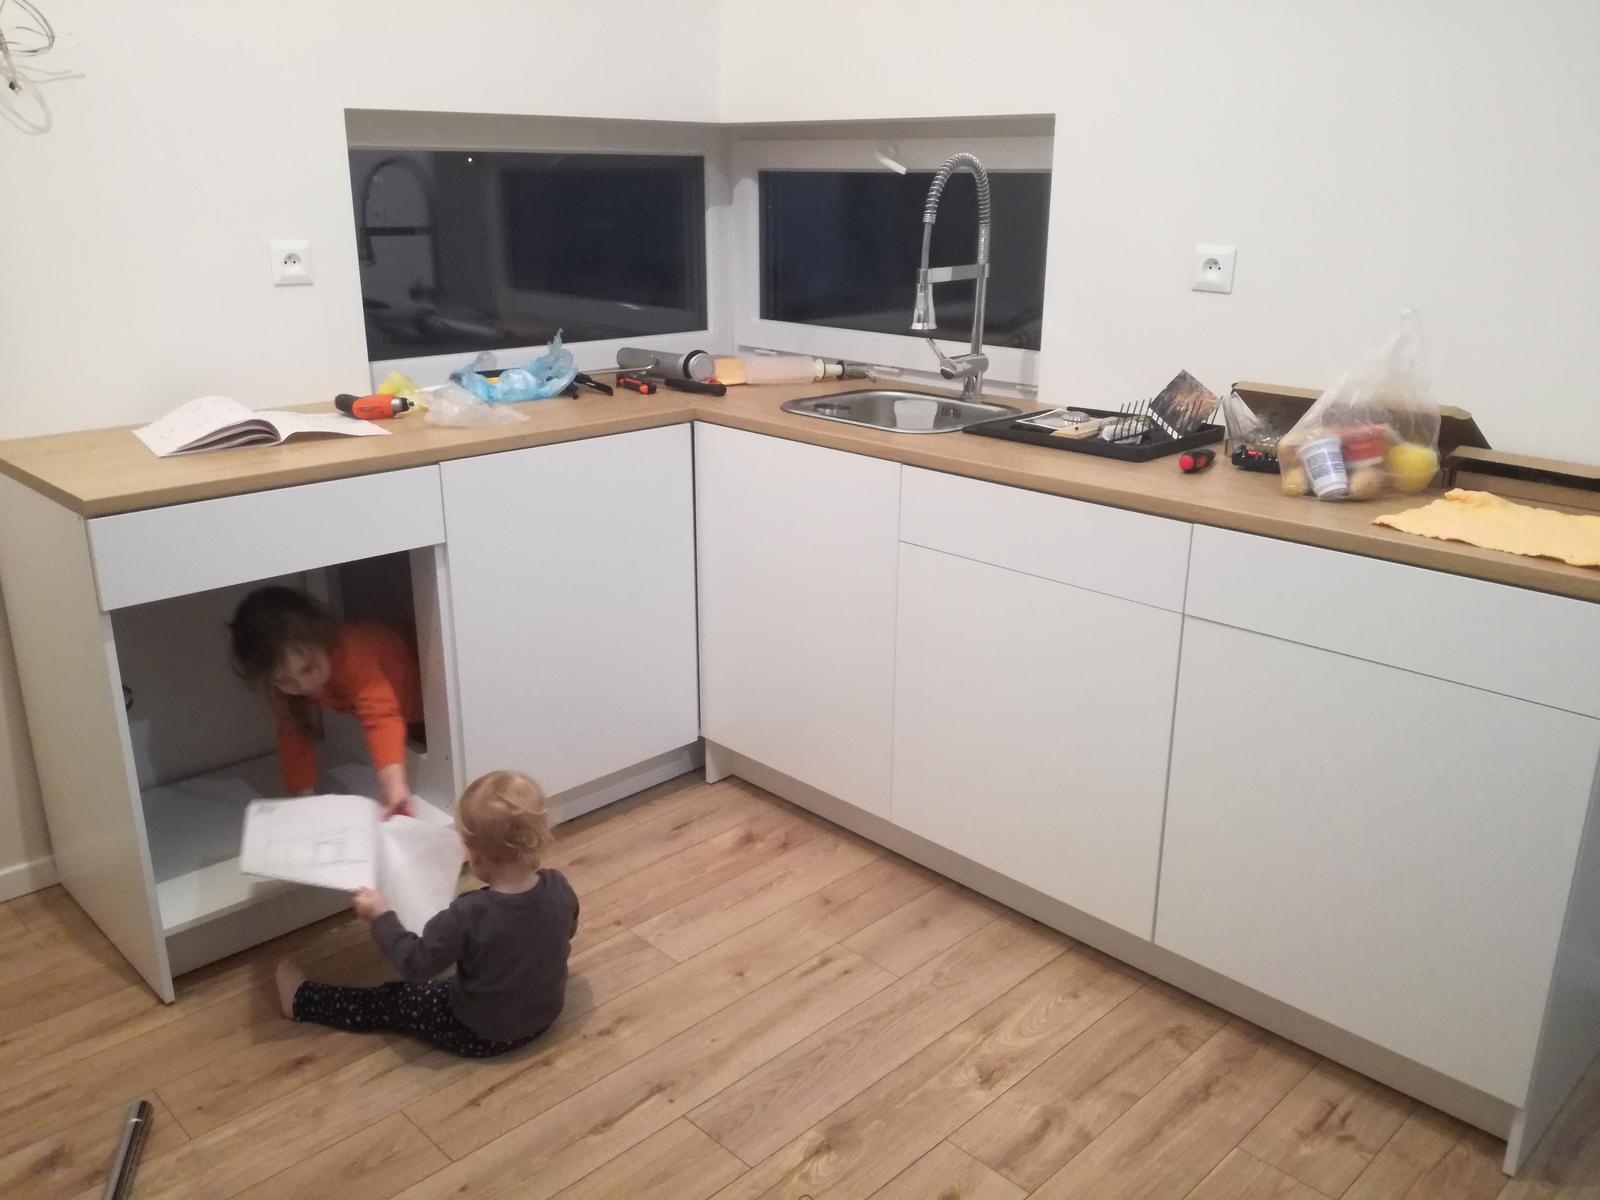 Minidomček pod Karpatmi - pomocnicky